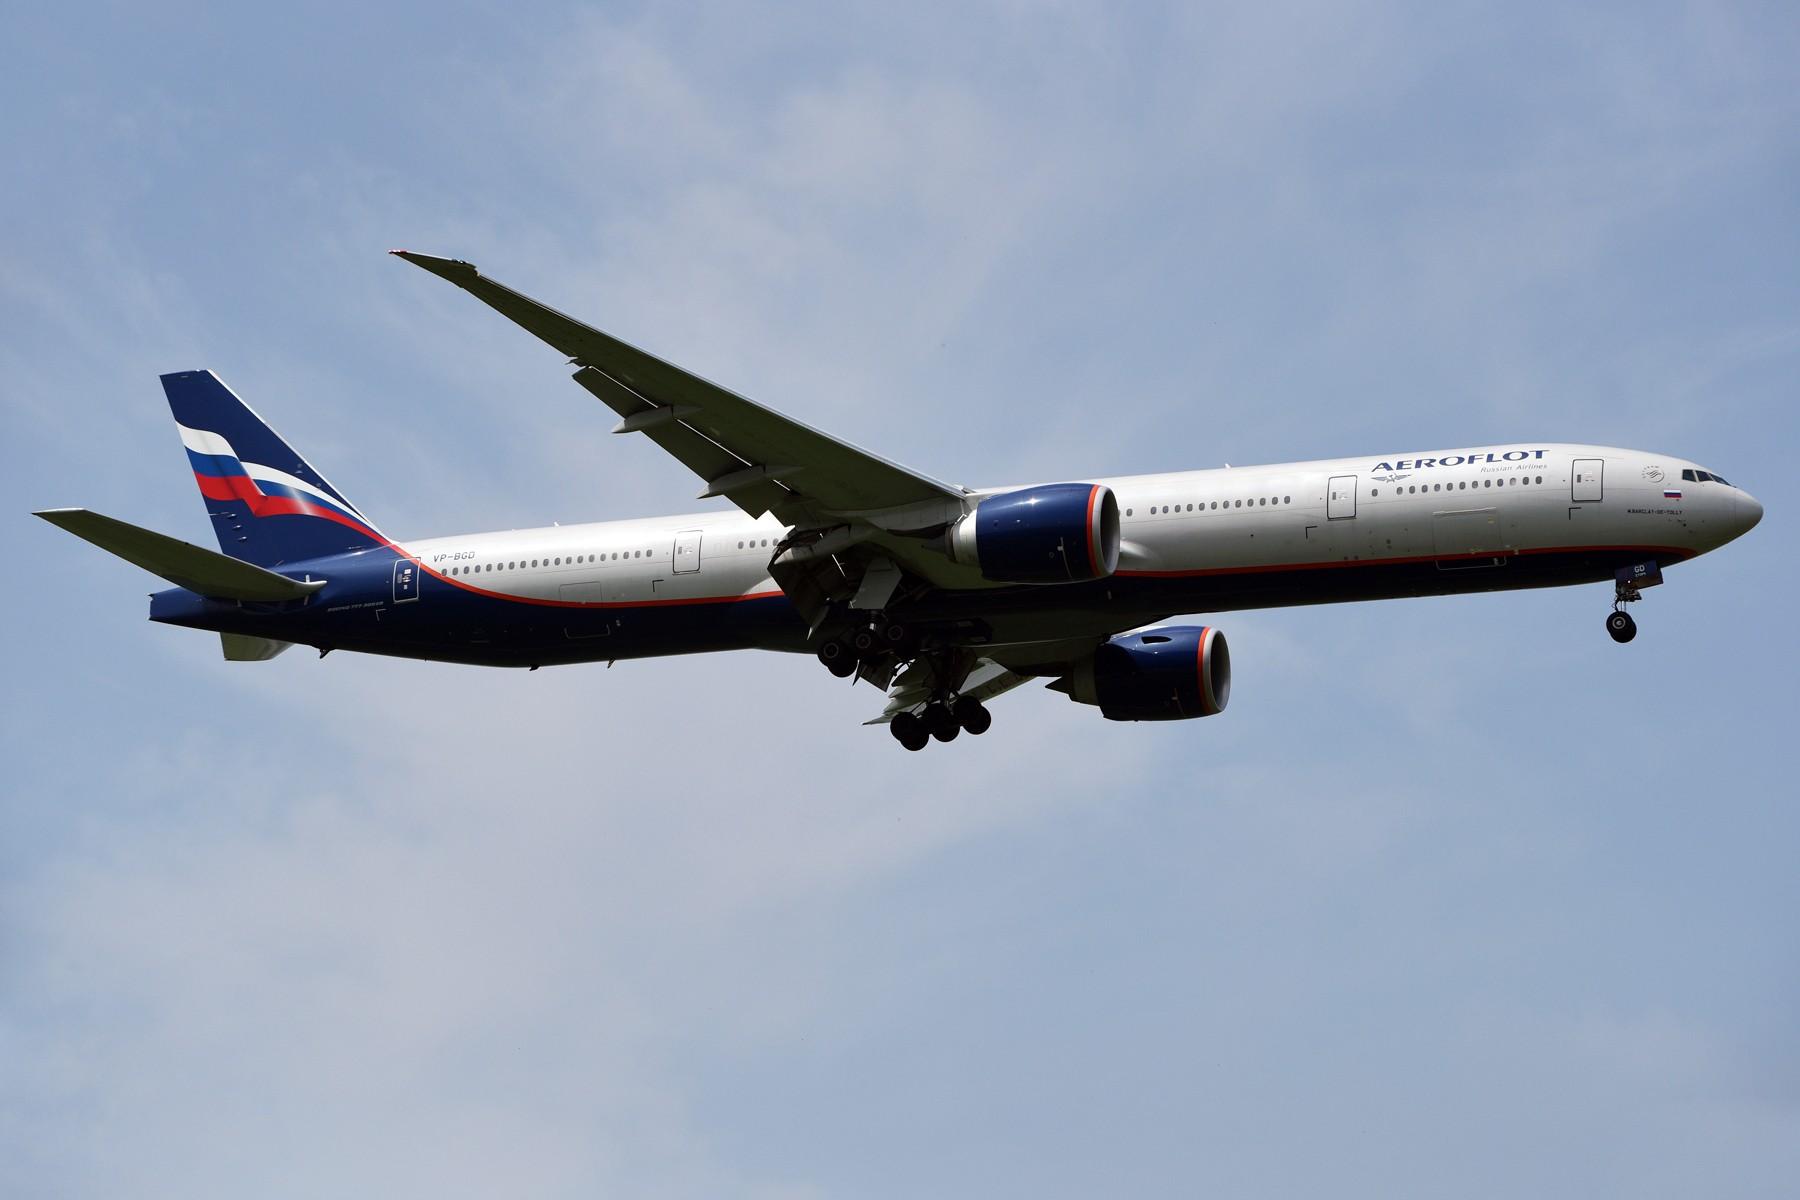 Re:PVG的早货们,众多帝都见不到的东西(墨航马航772,瑞航芬航343,英航77W,维珍纽航789等等),更有各路货机(联邦快递,UPS,Polar,中货航等!) BOEING 777-300ER VP-BGD 中国上海浦东国际机场